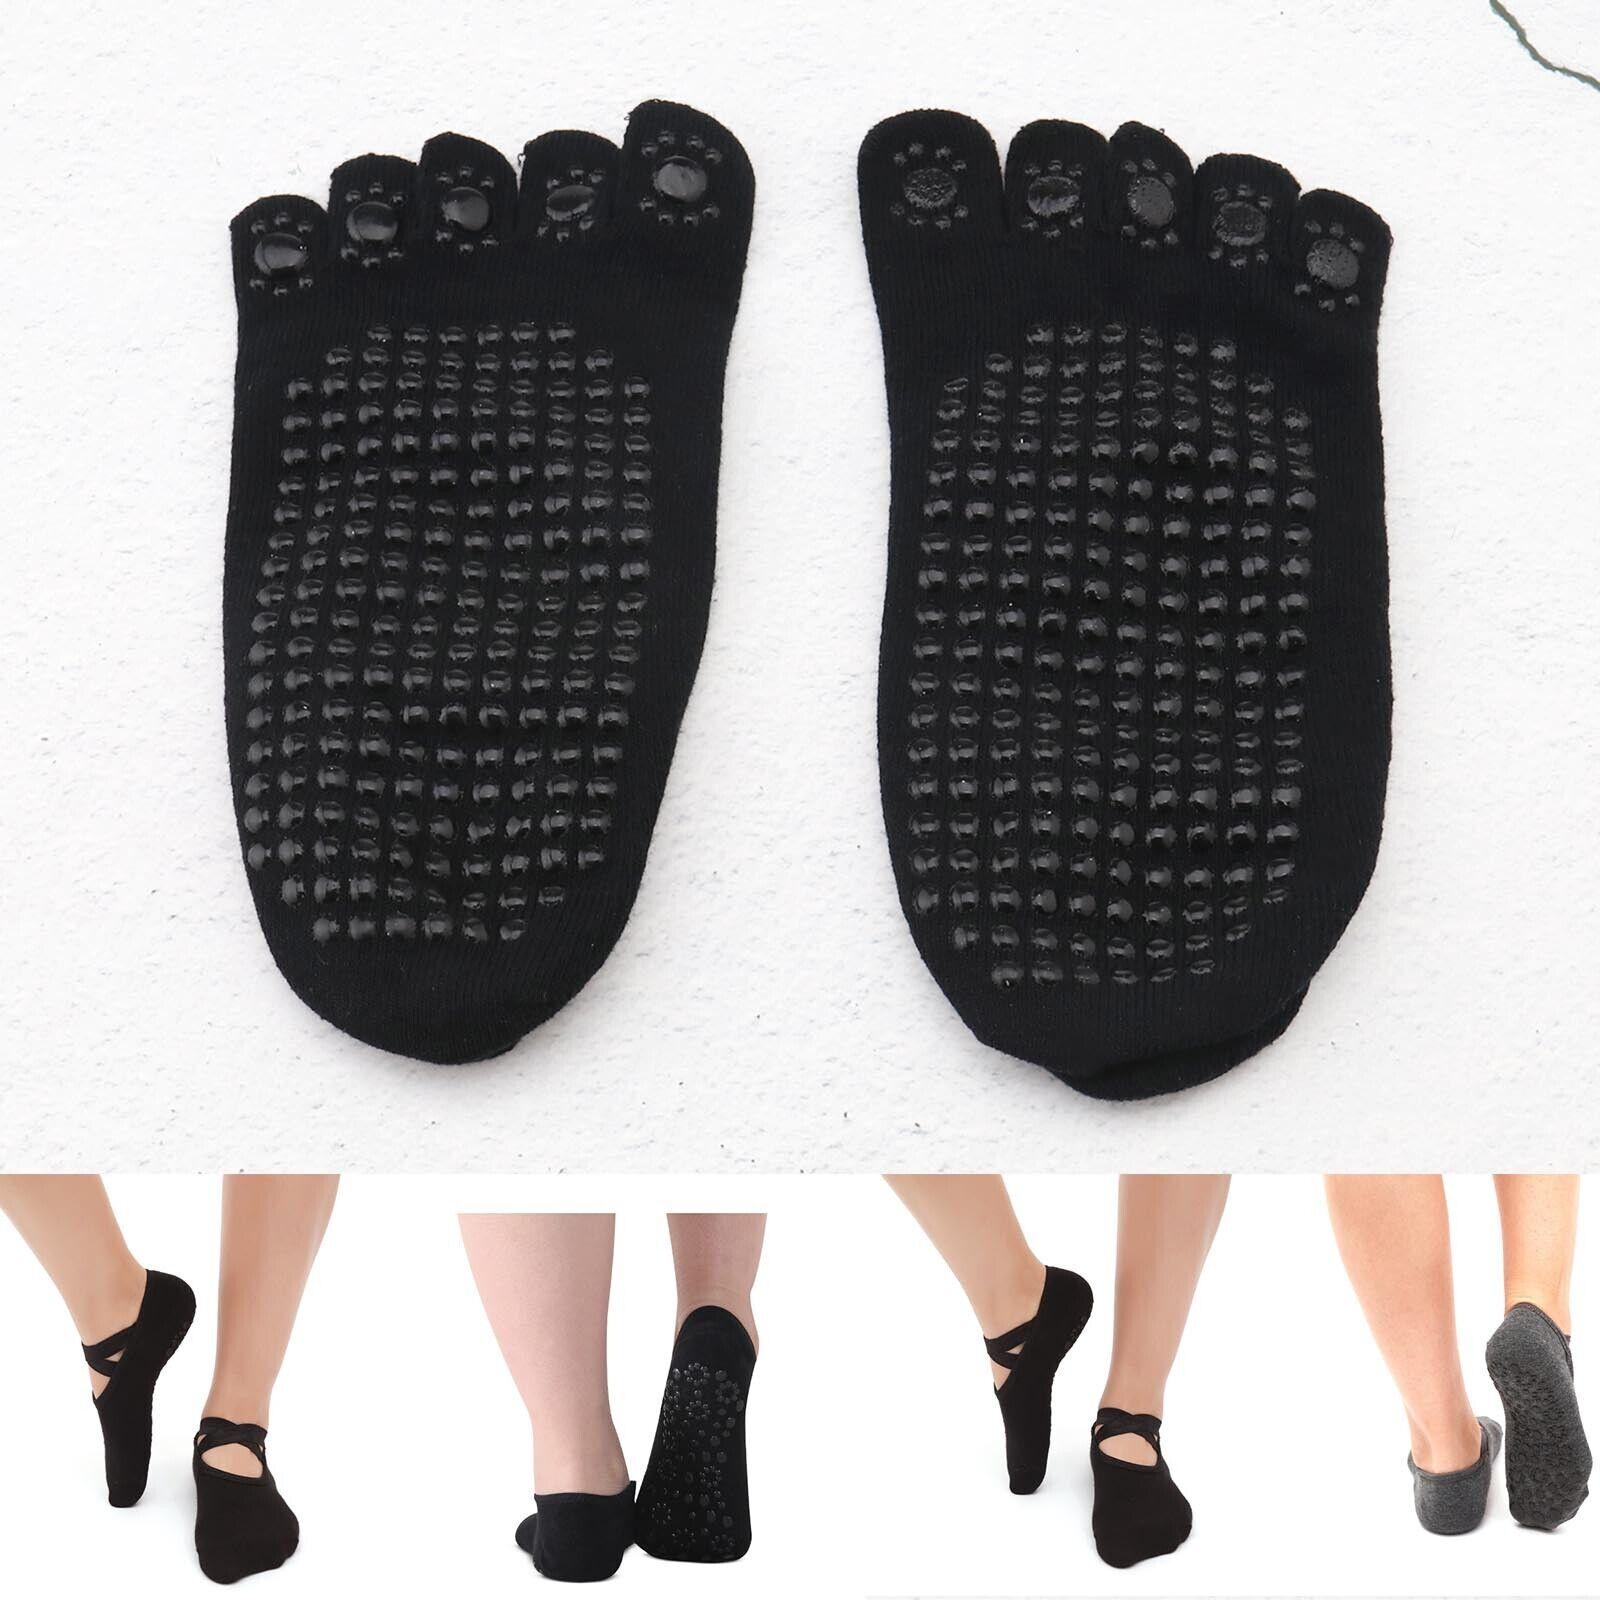 Grau +Schwarz 2 Paar Anti-Rutsch Yoga 5 Zehen Socken Ideal für Pilate Outdoor